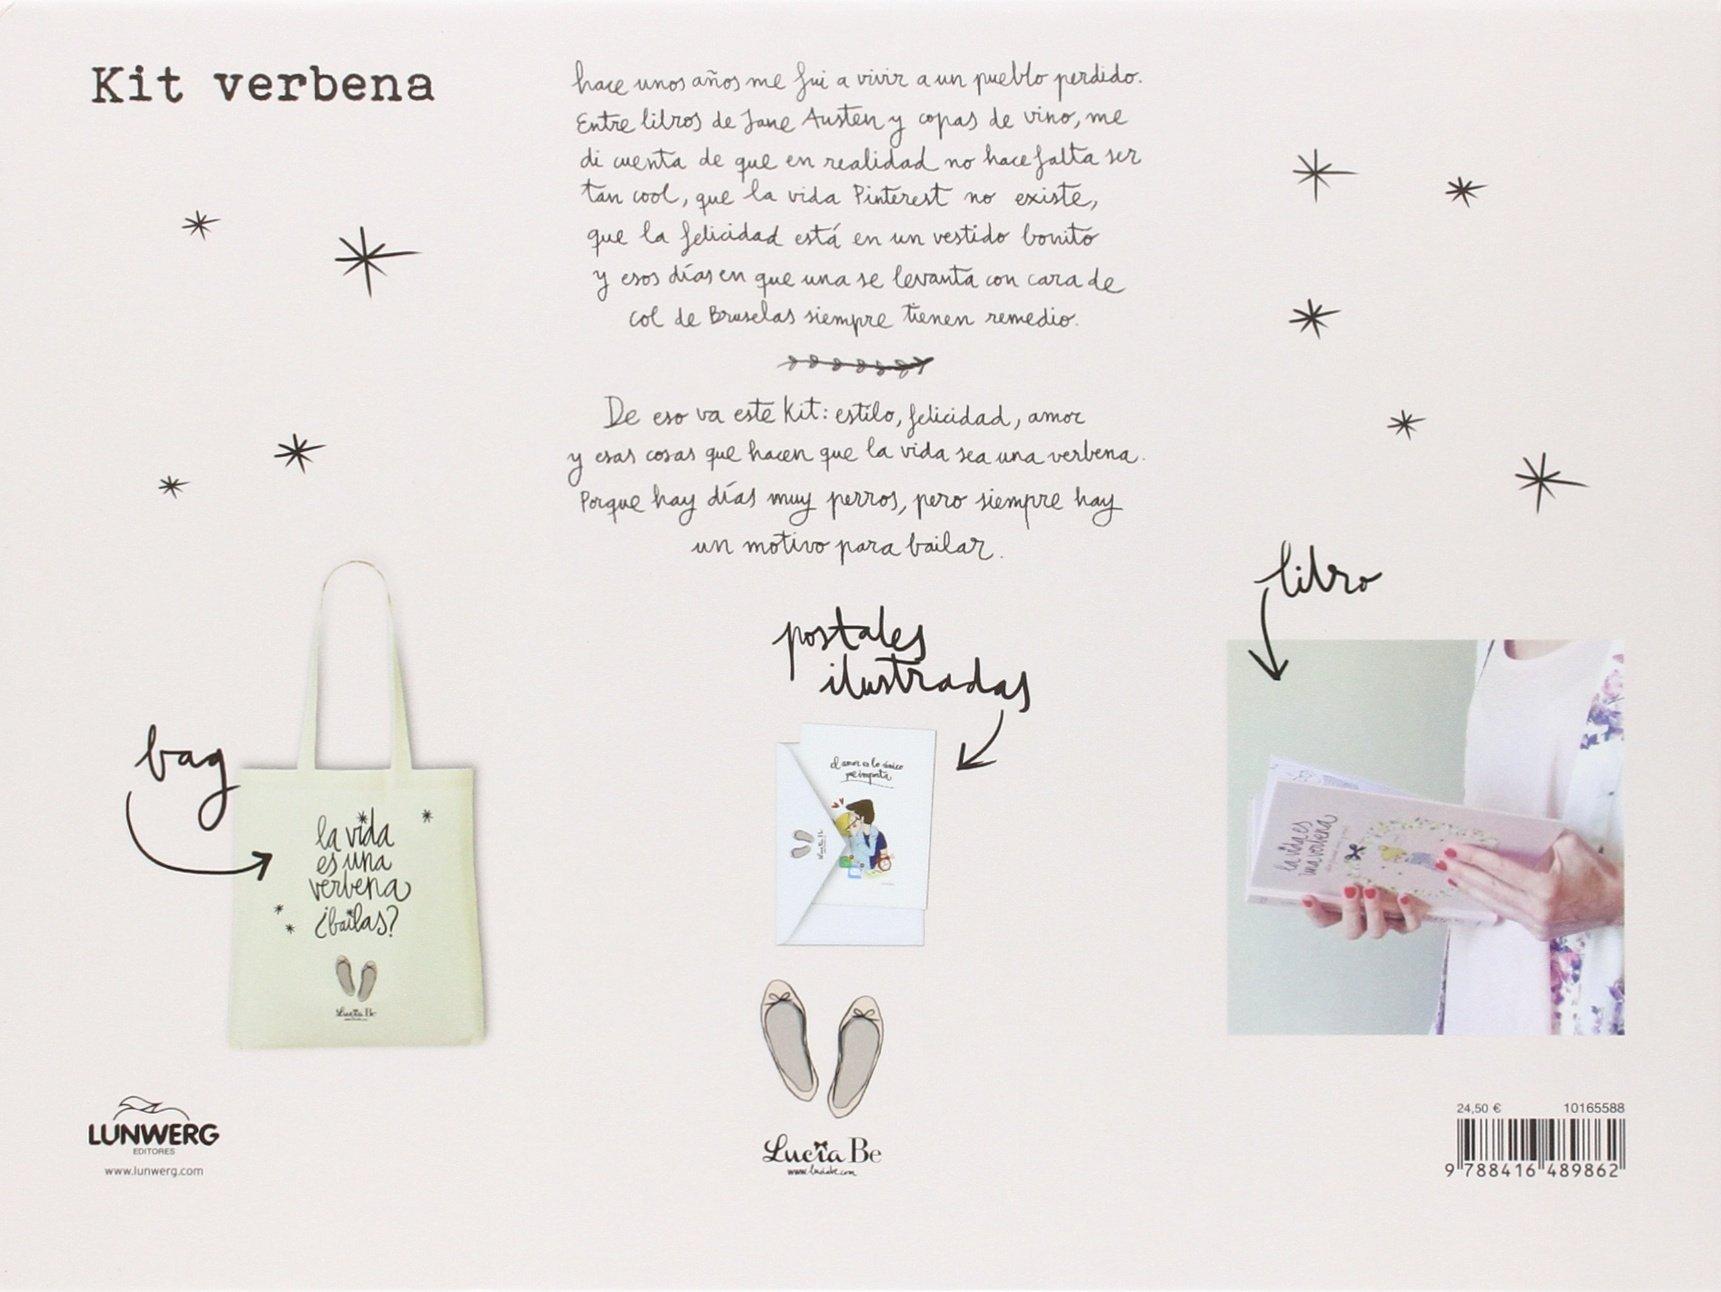 Kit Verbena: Estilo, felicidad, amor y copas dentro de una ...